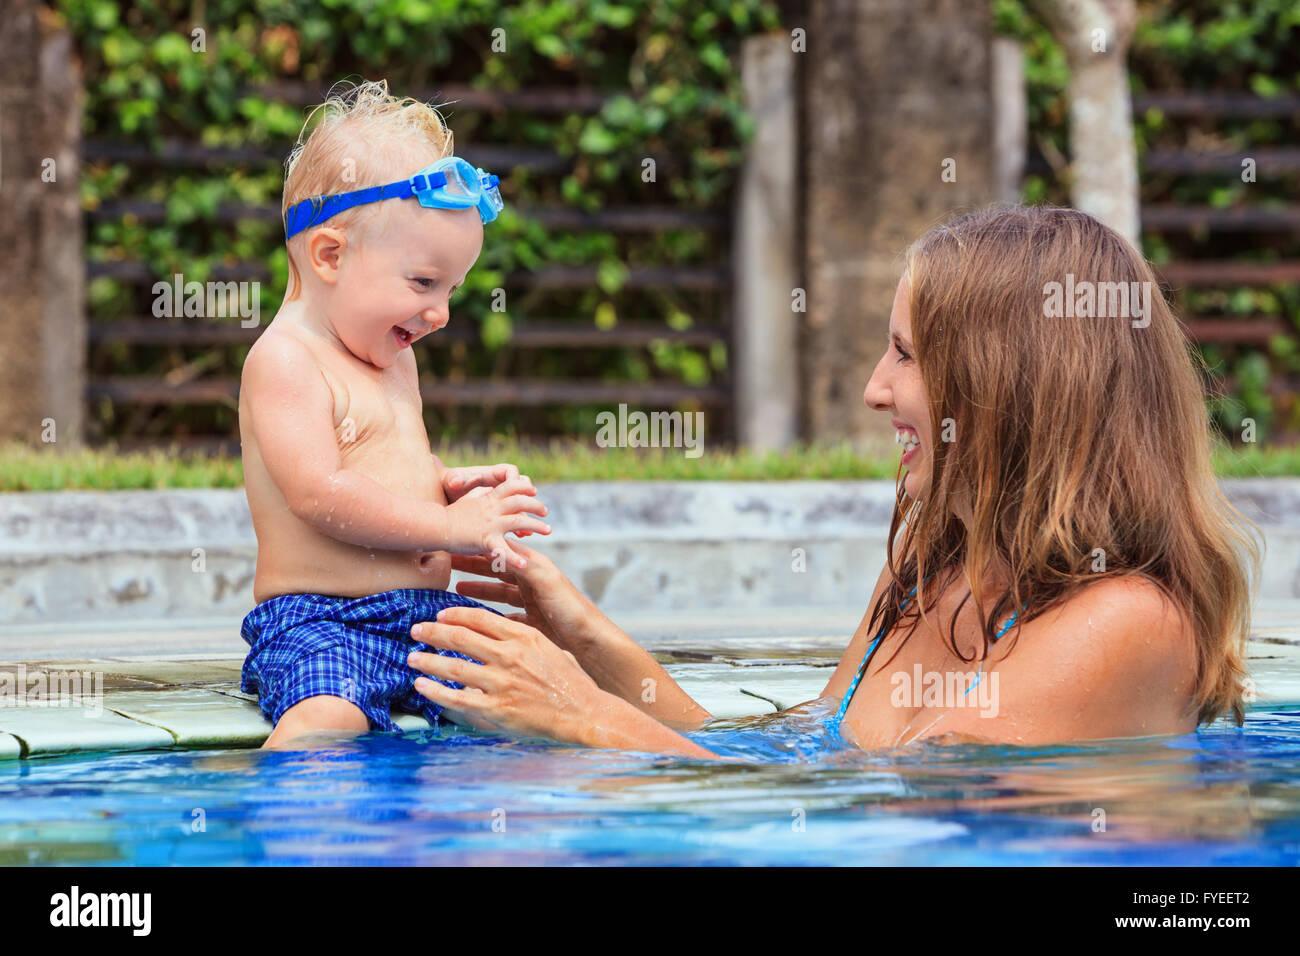 Peu de natation enfant à lunettes sous-marines s'asseoir sur le bord de la piscine a fun - jouer avec bébé Photo Stock